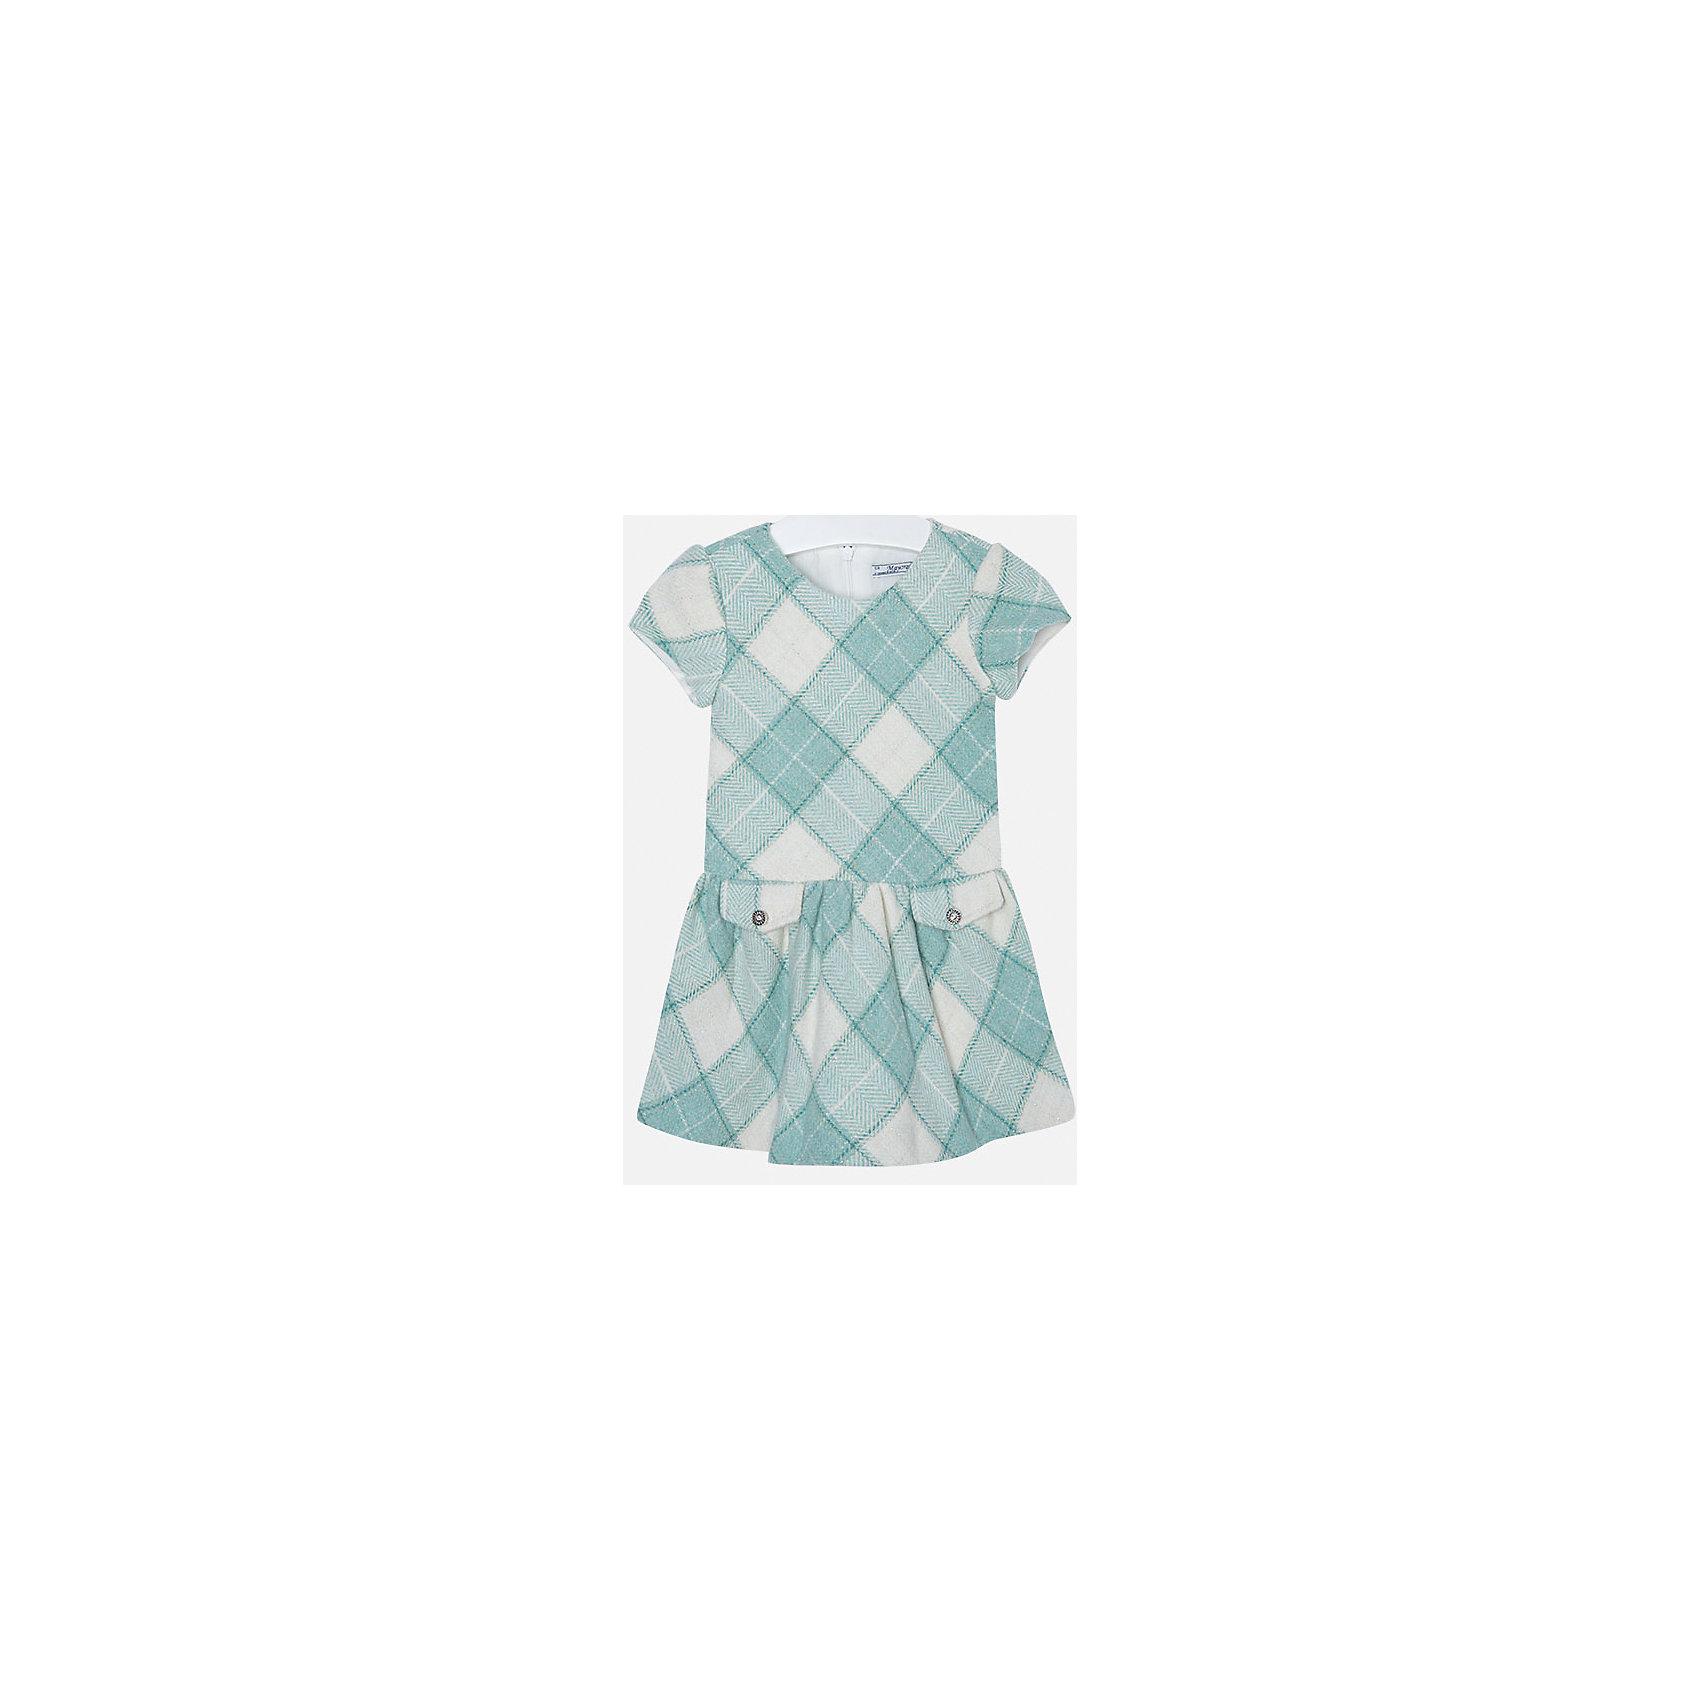 Платье для девочки MayoralПлатье для девочки от популярного испанского бренда Mayoral(Майорал). Платье застегивается на молнию сзади, есть 2 декоративных кармана спереди. Платье нежных цветов с простым дизайном - прекрасный выбор для юной леди.<br>Дополнительная информация:<br>-короткие рукава<br>-застегивается на молнию<br>-2 декоративных кармана<br>-цвет: изумрудный<br>-состав. 53% полиэстер, 23% шерсть, 22% полиамид, 2% металлическое волокно; подкладка: 50% хлопок, 50% полиэстер<br>Платье Mayoral(Майорал) вы можете приобрести в нашем интернет-магазине.<br><br>Ширина мм: 236<br>Глубина мм: 16<br>Высота мм: 184<br>Вес г: 177<br>Цвет: зеленый<br>Возраст от месяцев: 96<br>Возраст до месяцев: 108<br>Пол: Женский<br>Возраст: Детский<br>Размер: 128,98,104,110,116,122,134<br>SKU: 4844323